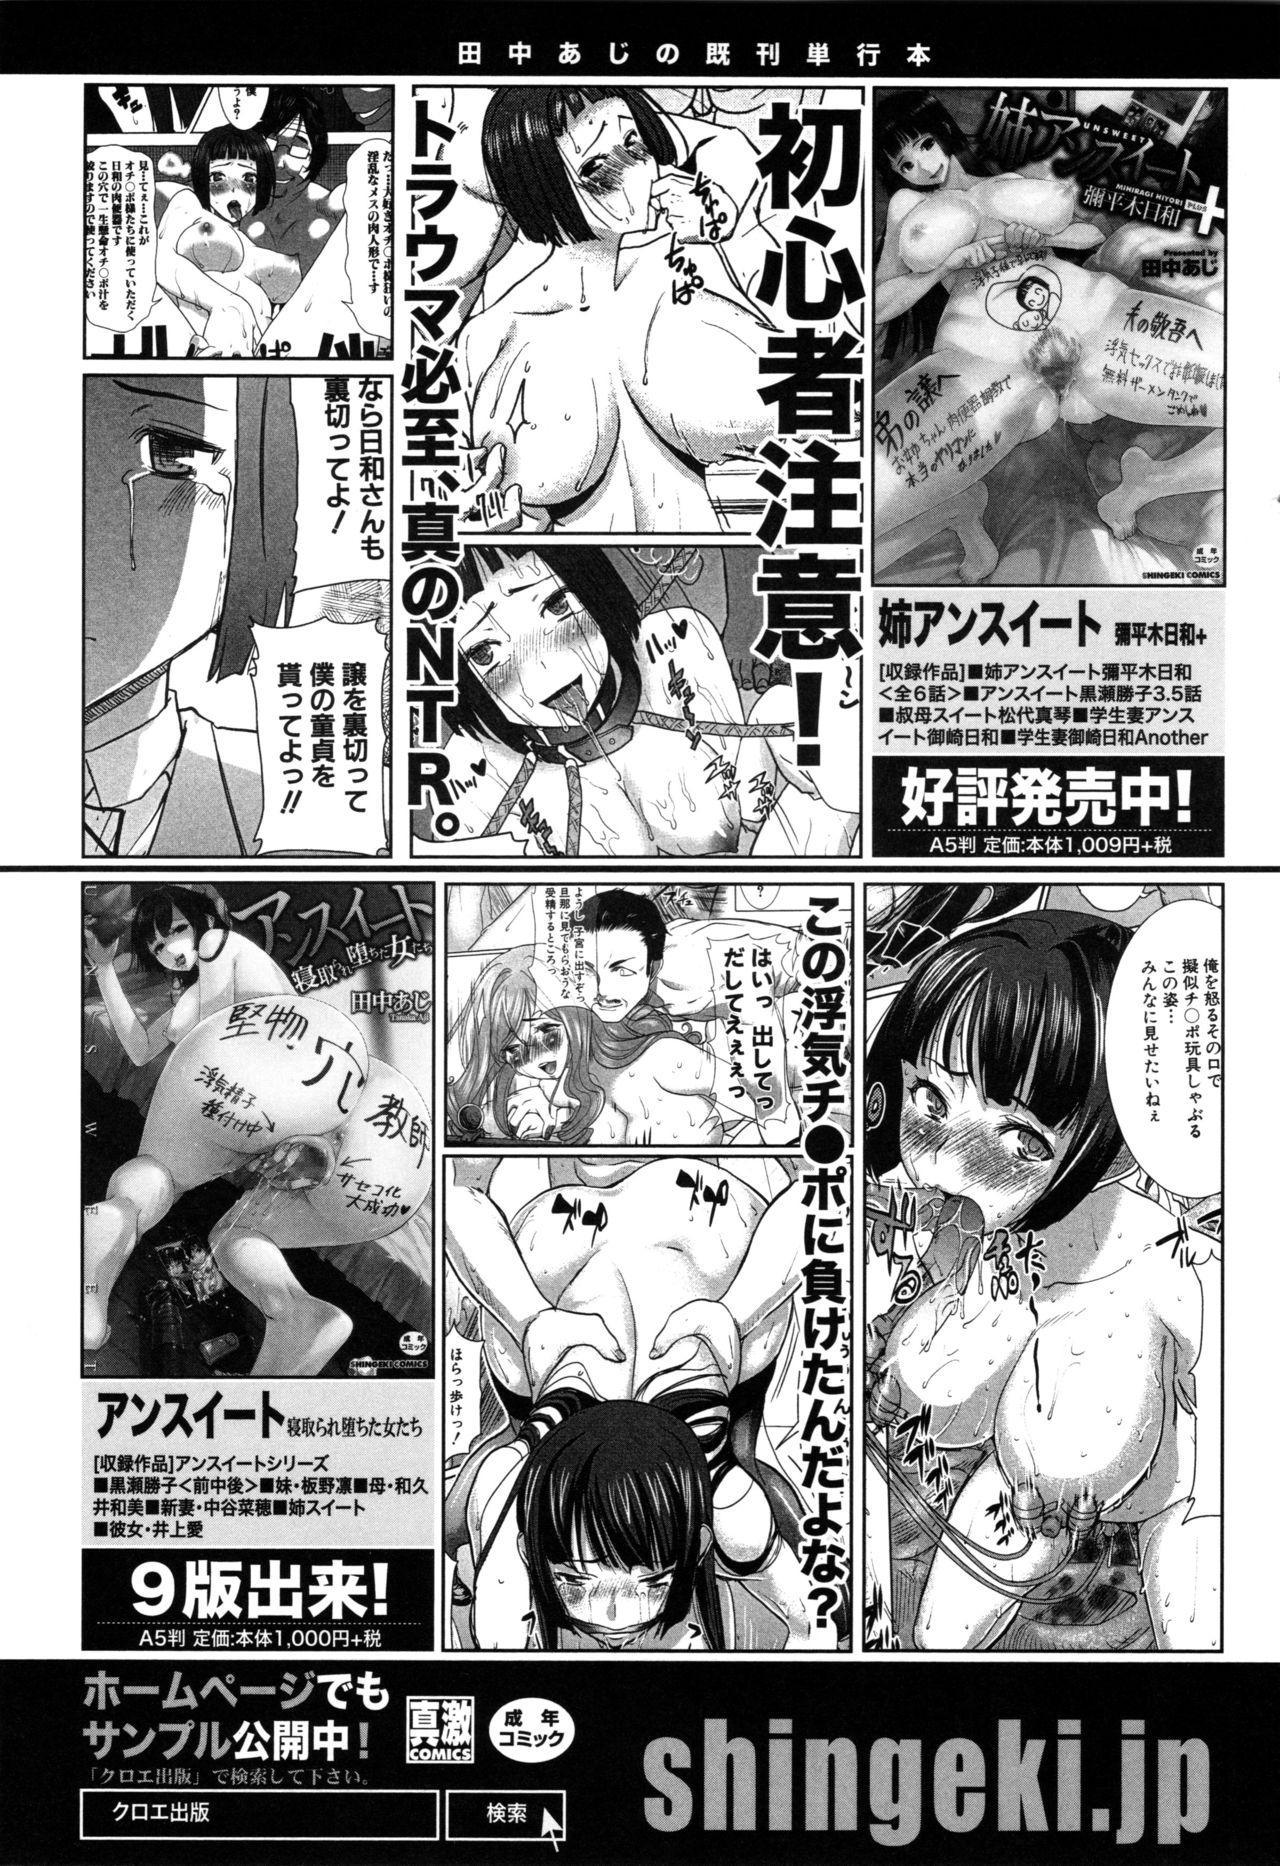 Unsweet - Asahina Ikka Netorareta Haha · Tomoko 194